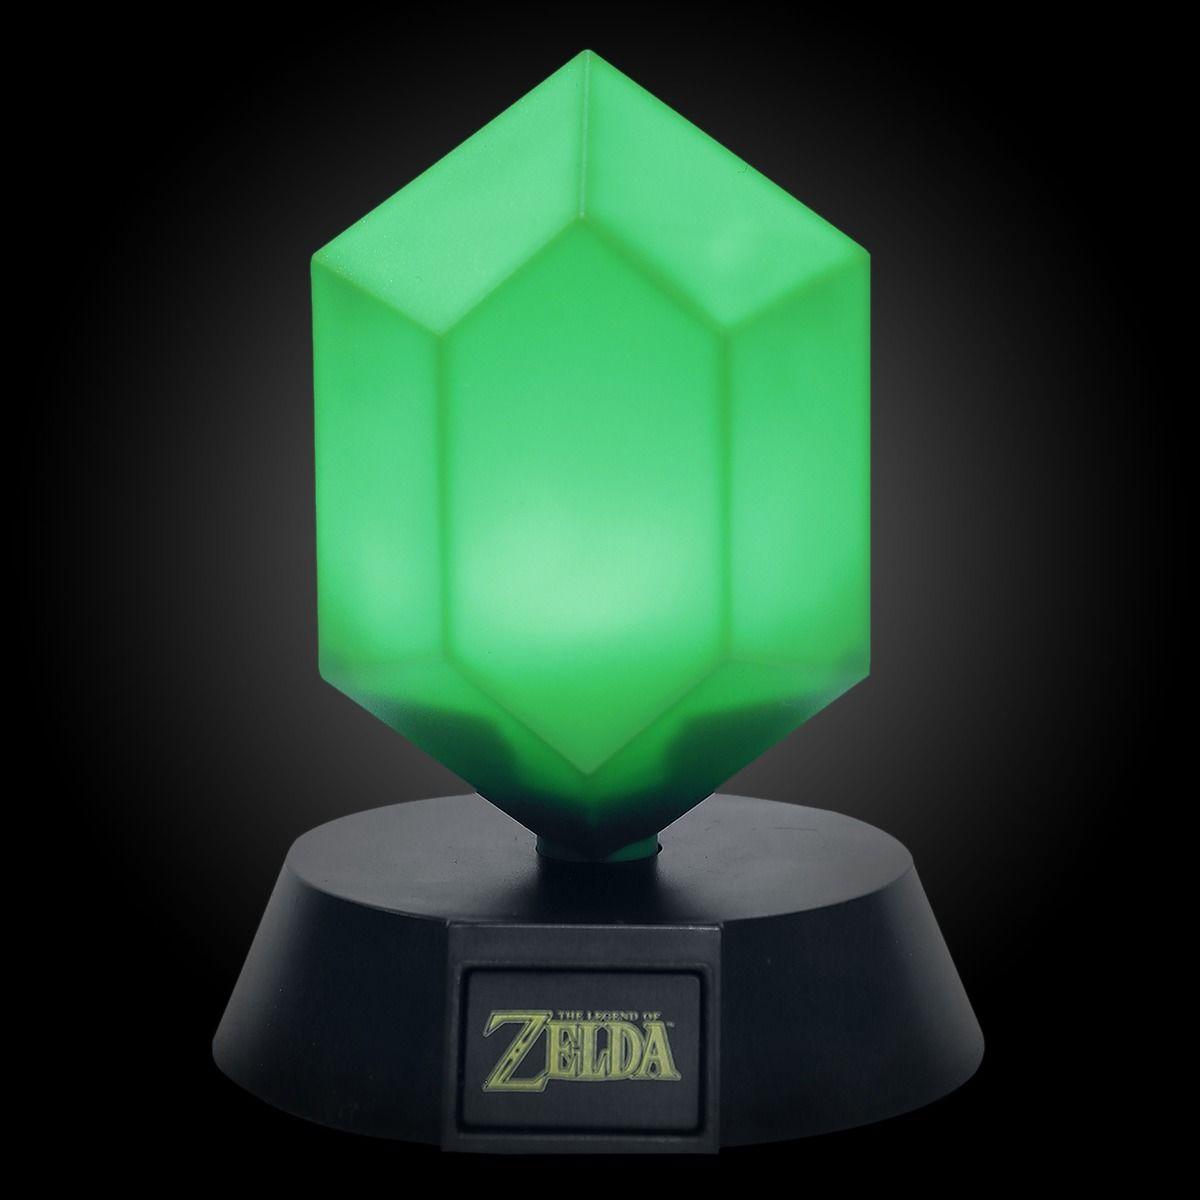 Zelda lampe de chevet